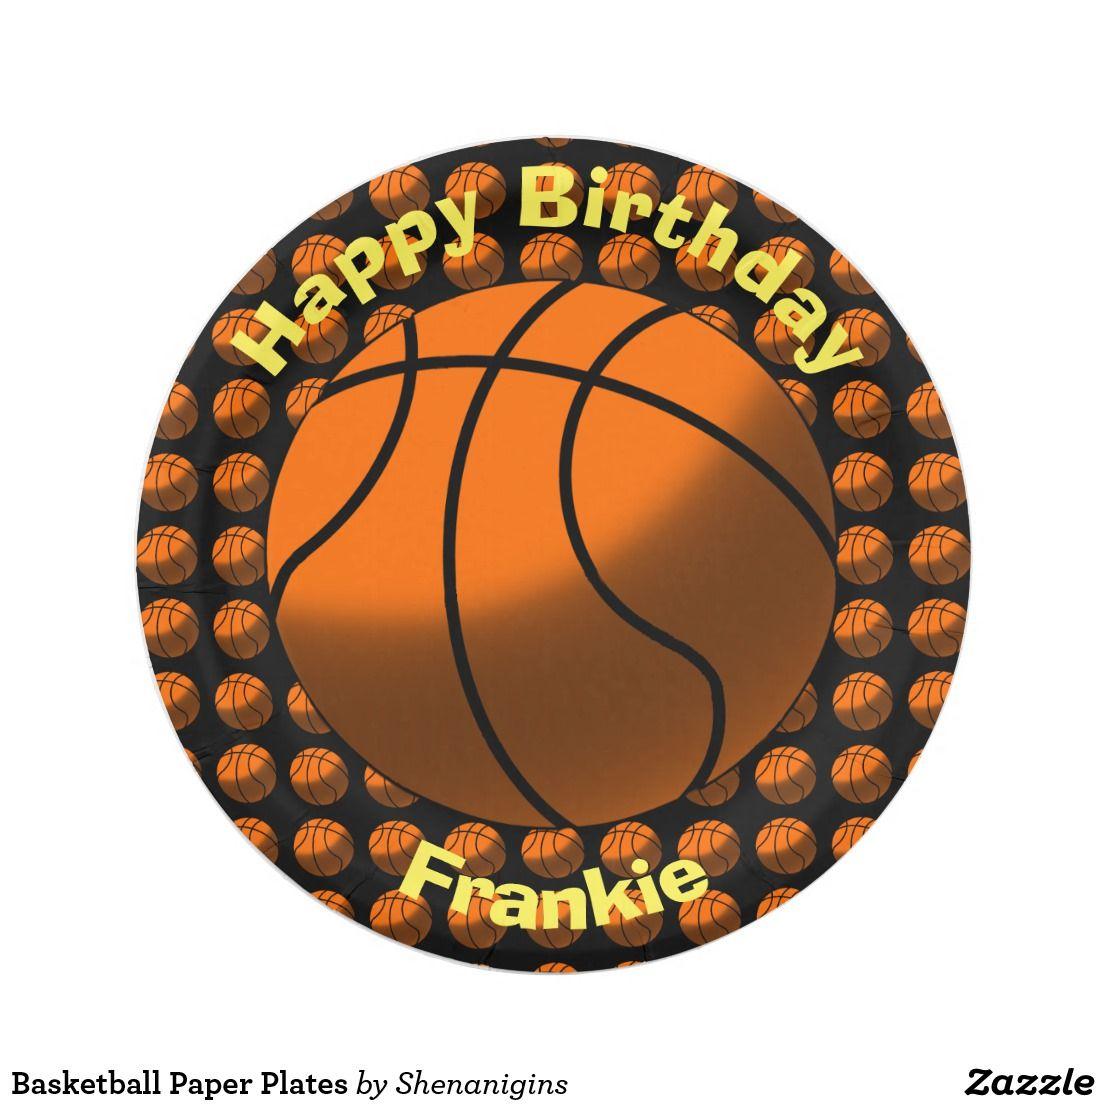 Basketball Paper Plates  sc 1 st  Pinterest & Basketball Paper Plates | Cool Paper Plates and Paper Cups for all ...